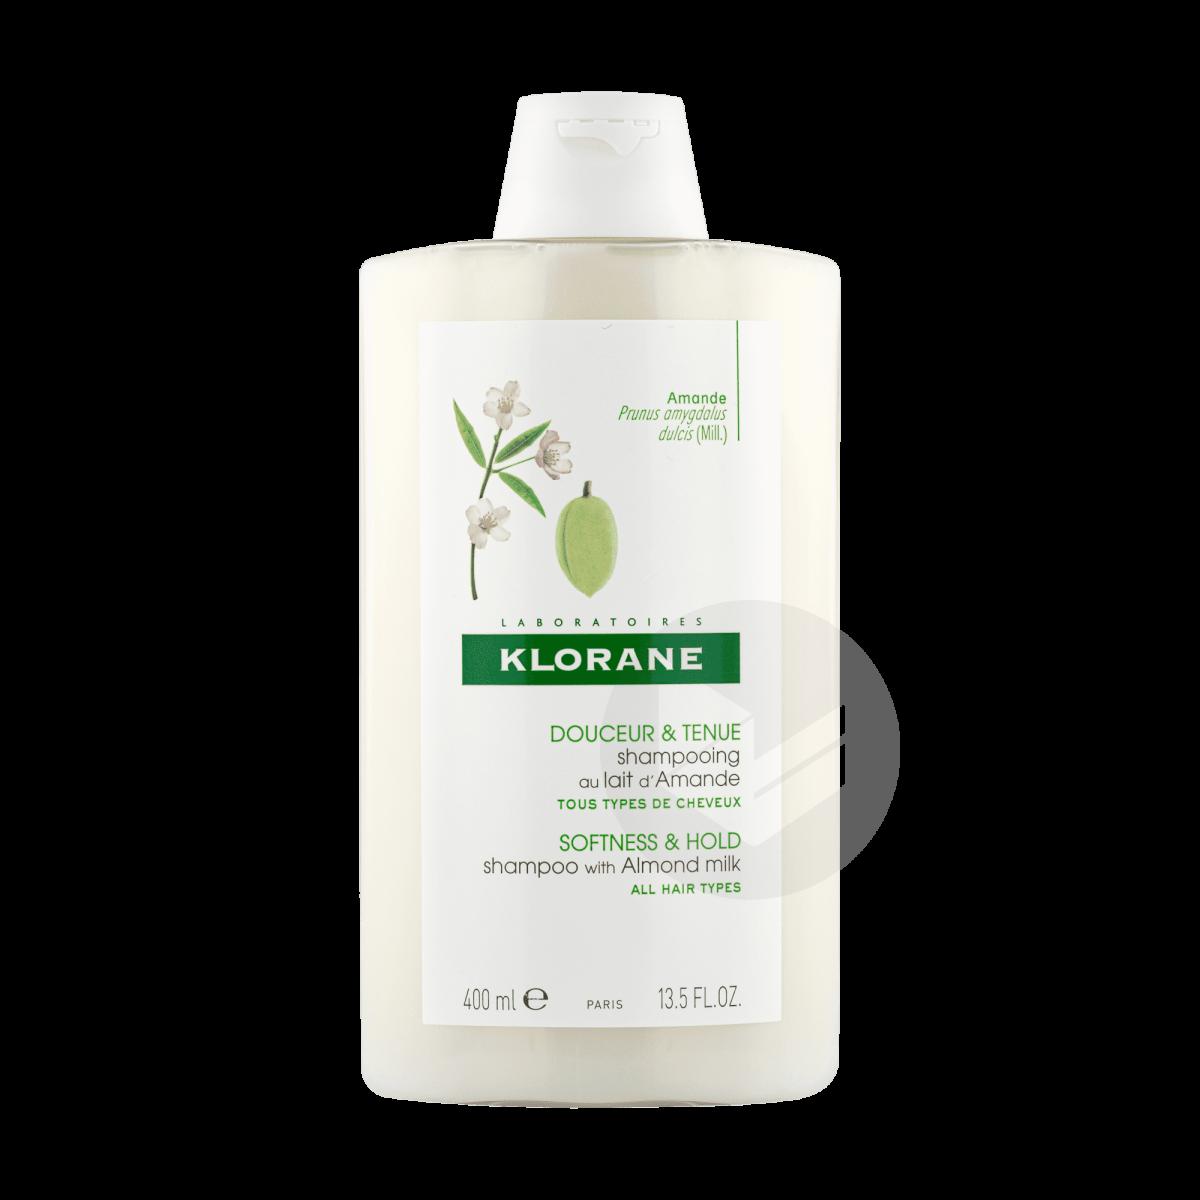 Shampoing douceur et tenue au lait d'Amande 400ml